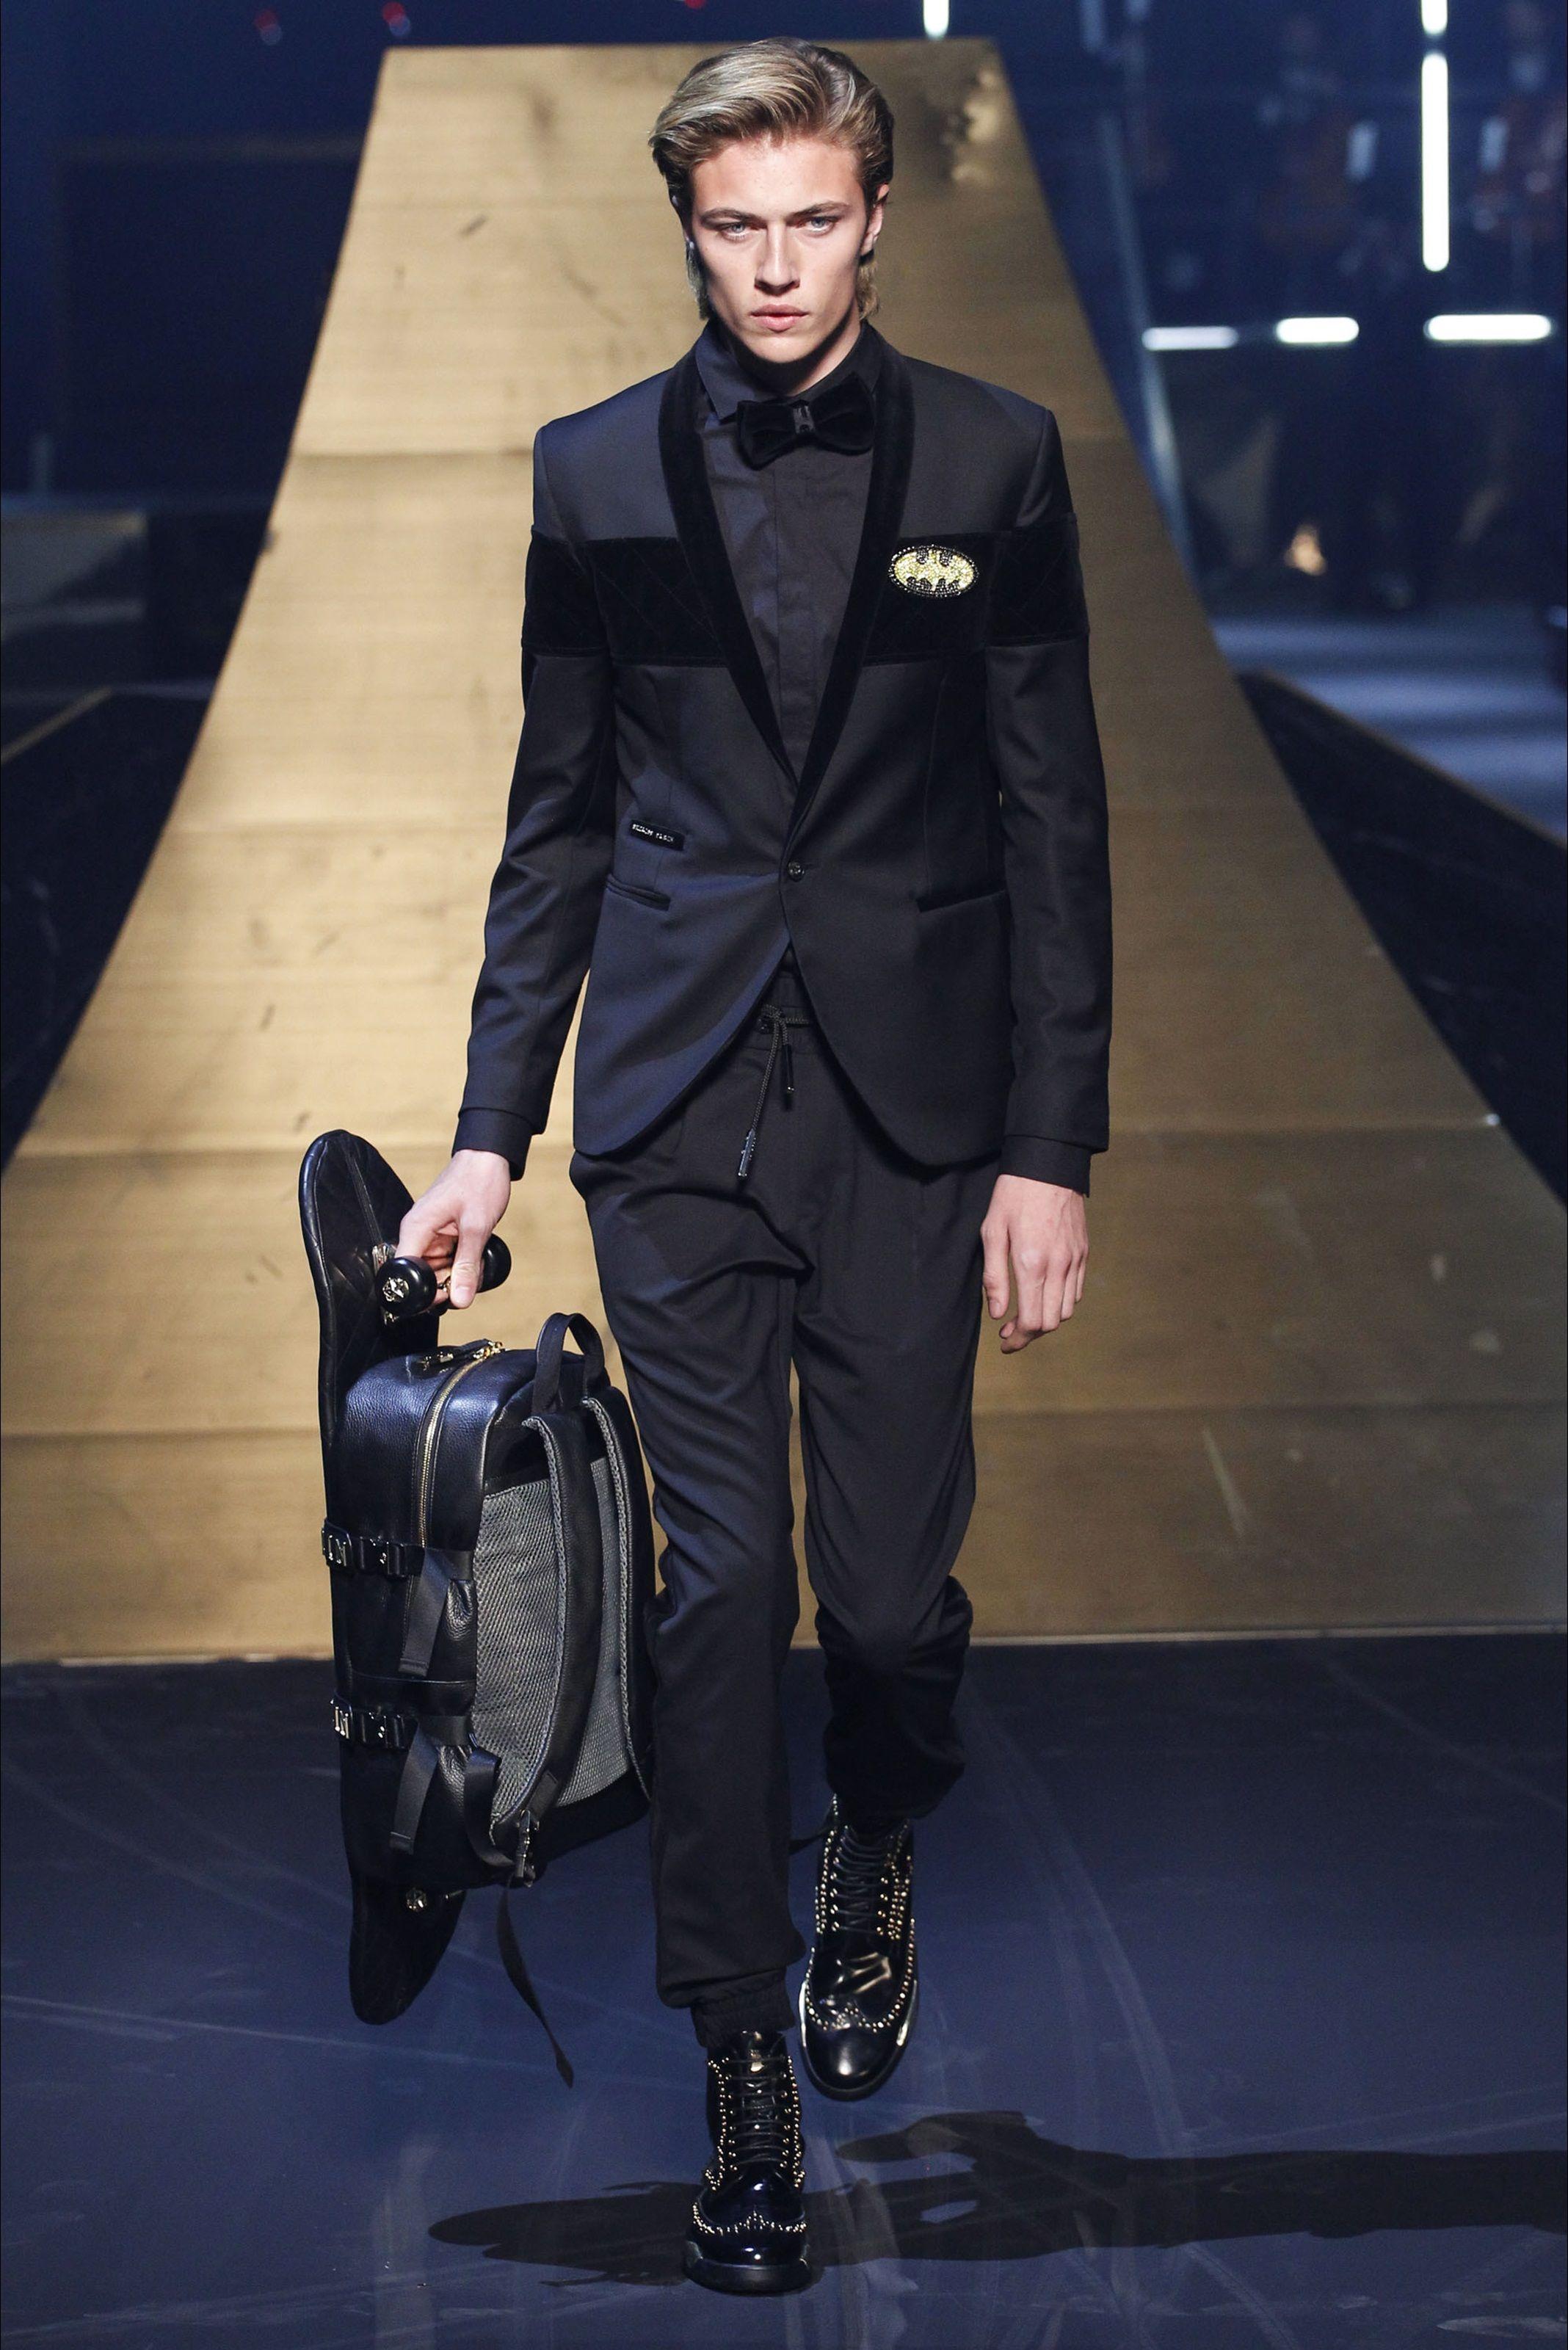 Sfilata Moda Uomo Philipp Plein Milano - Autunno Inverno 2016-17 - Vogue 7ef6934e28b